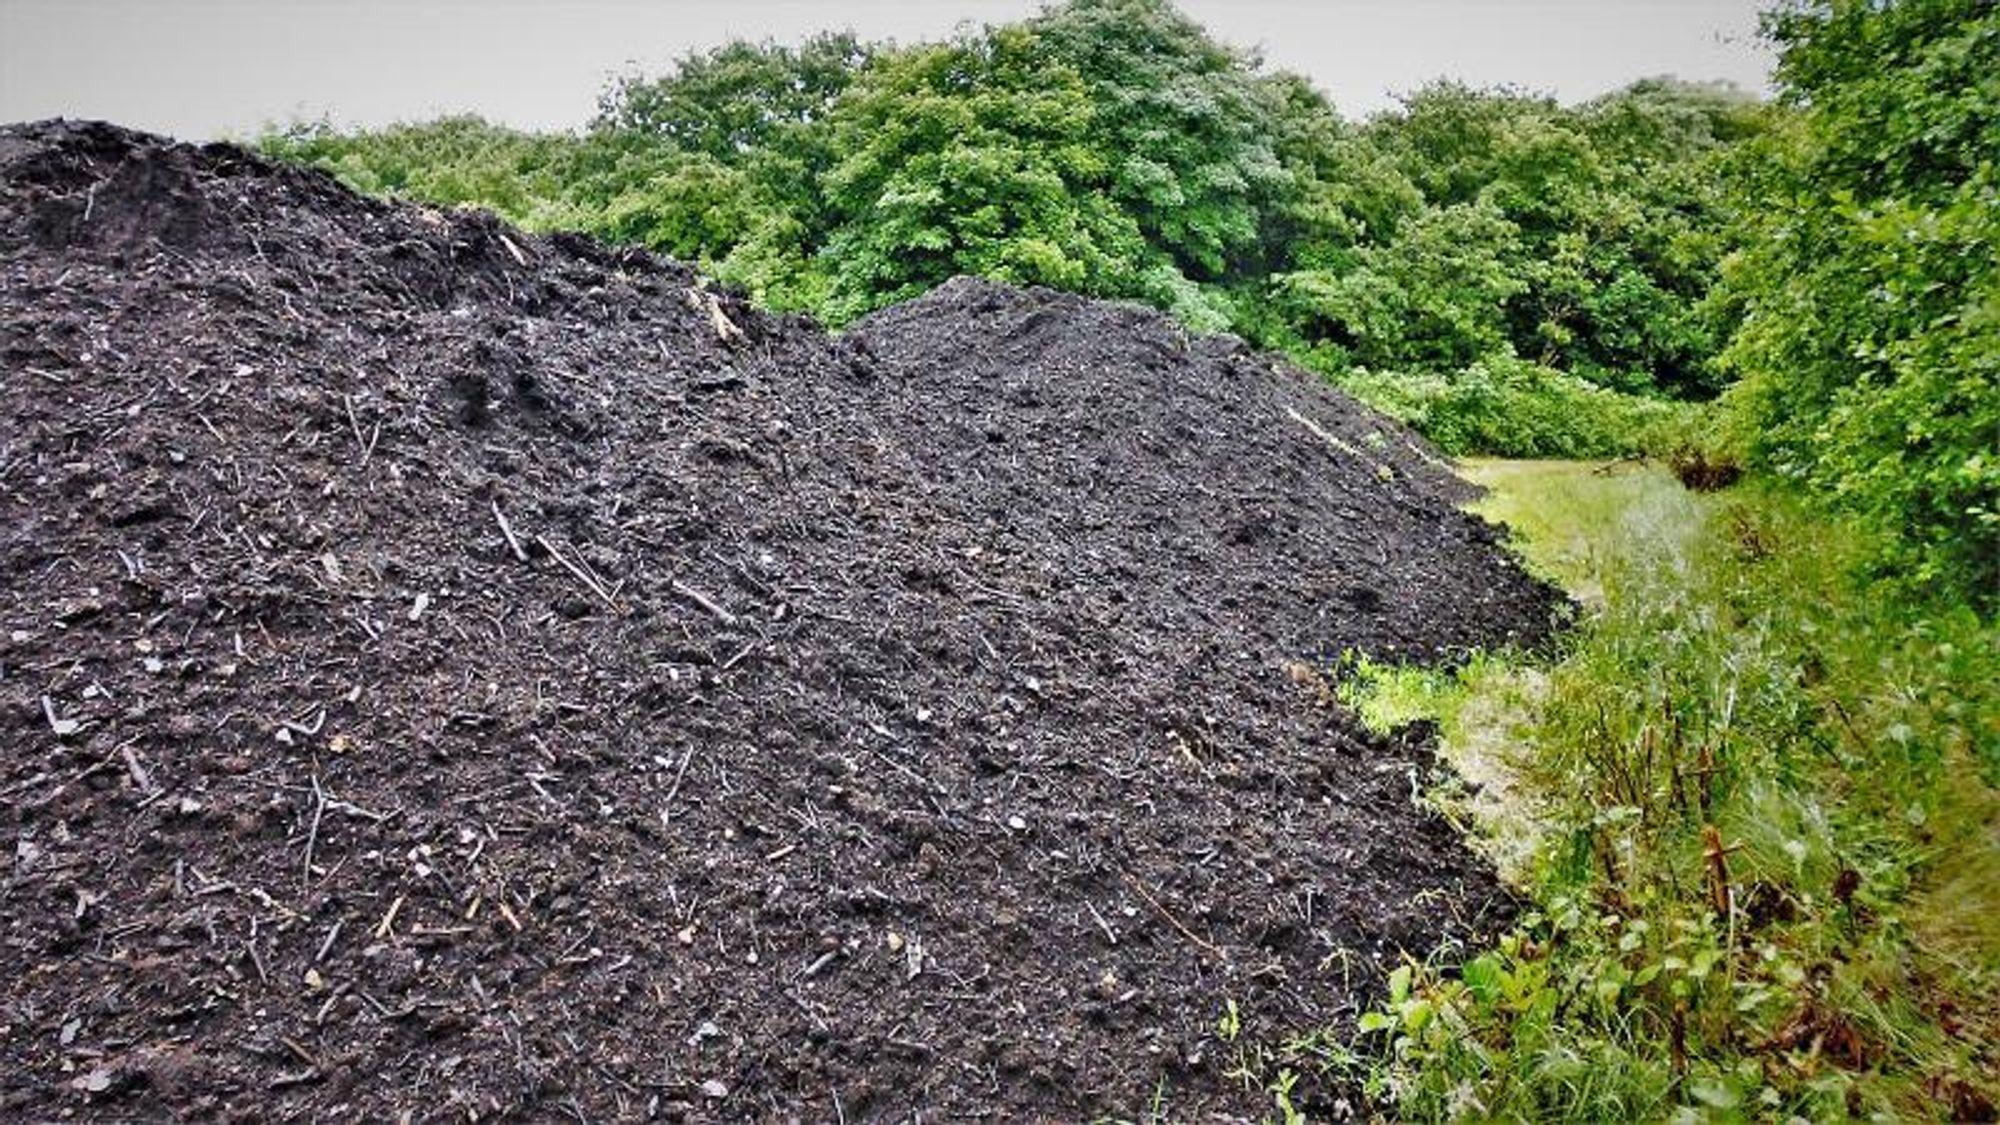 Stadig flere økologiske bønder bruker kompostert hage-parkavfall som jordforbedring. Men spørsmålet er hvor høyt pesticid-innholdet er.